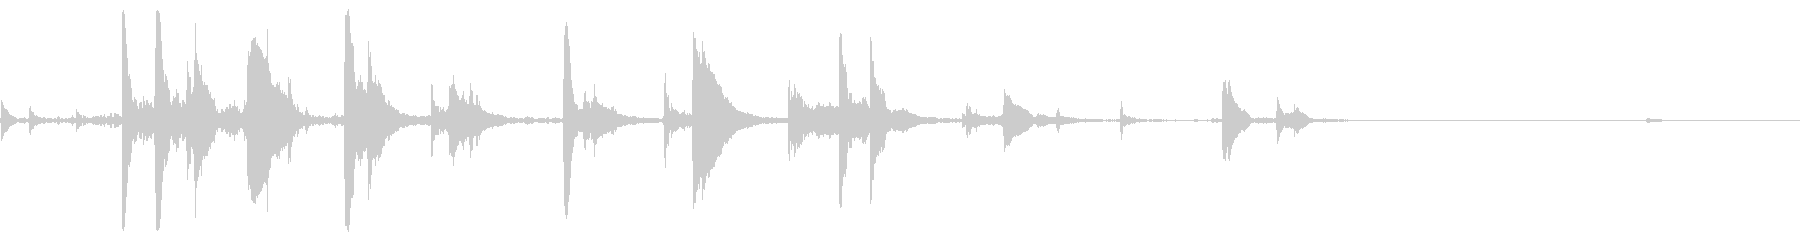 ラティリーメタルディスクスピン、フォリーの未再生の波形